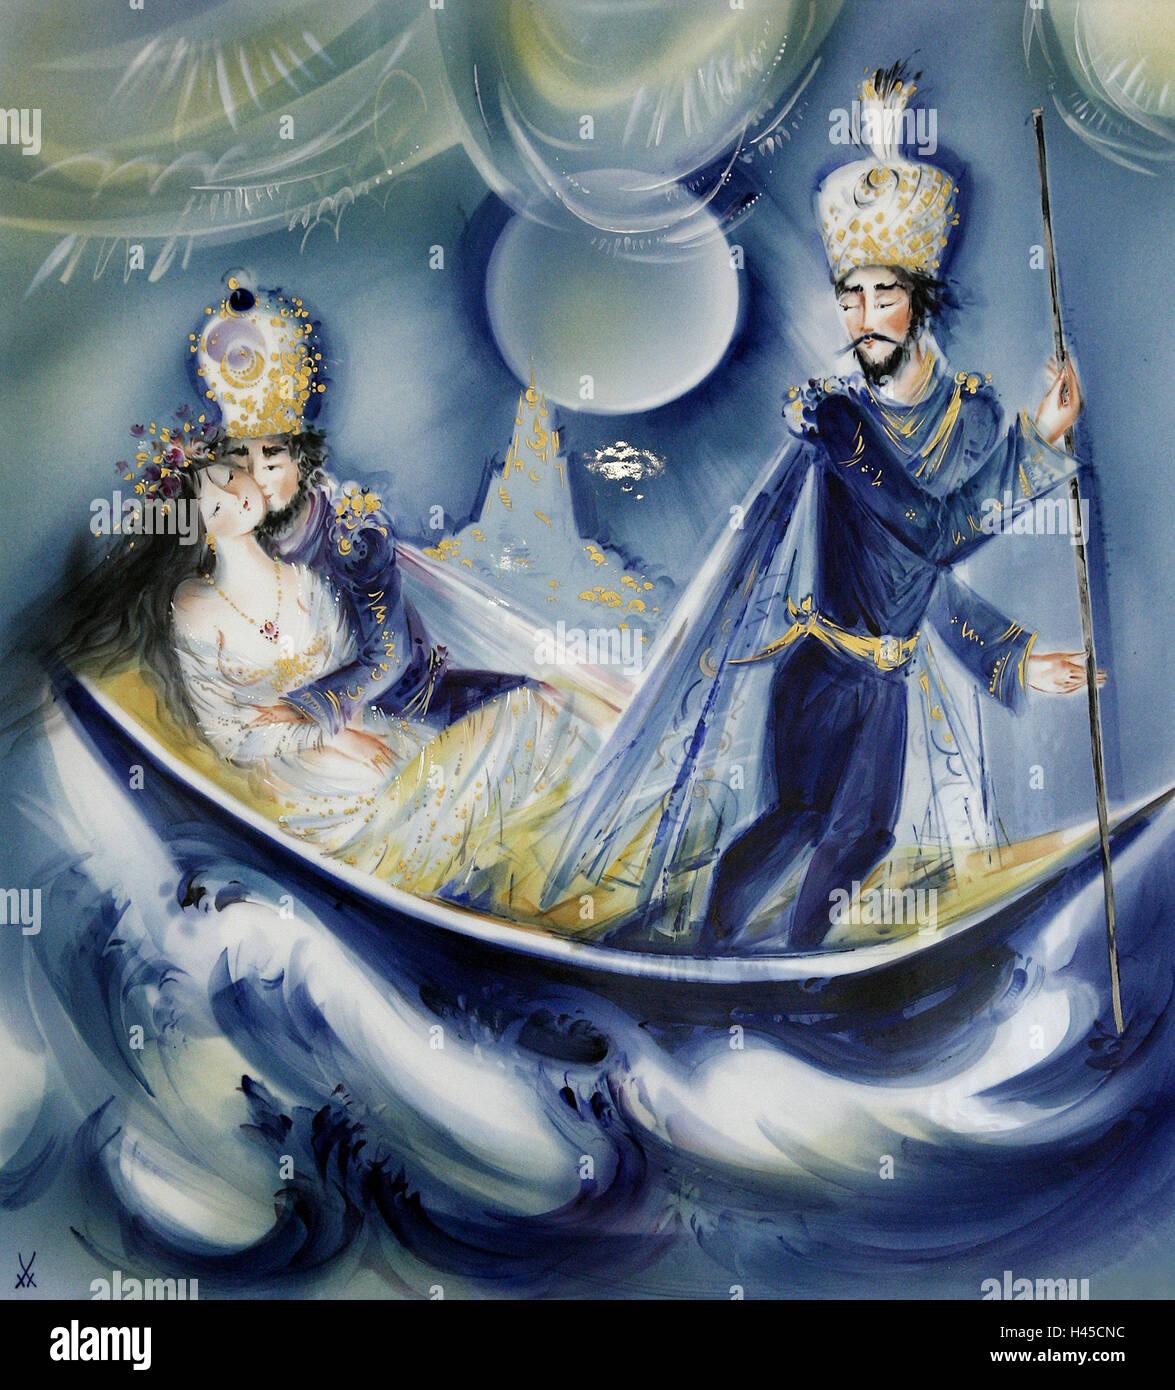 Alemania, Sajonia, porcelana de Meissen, la fabricación de porcelana, sala de exposición, fotografía, Imagen De Stock